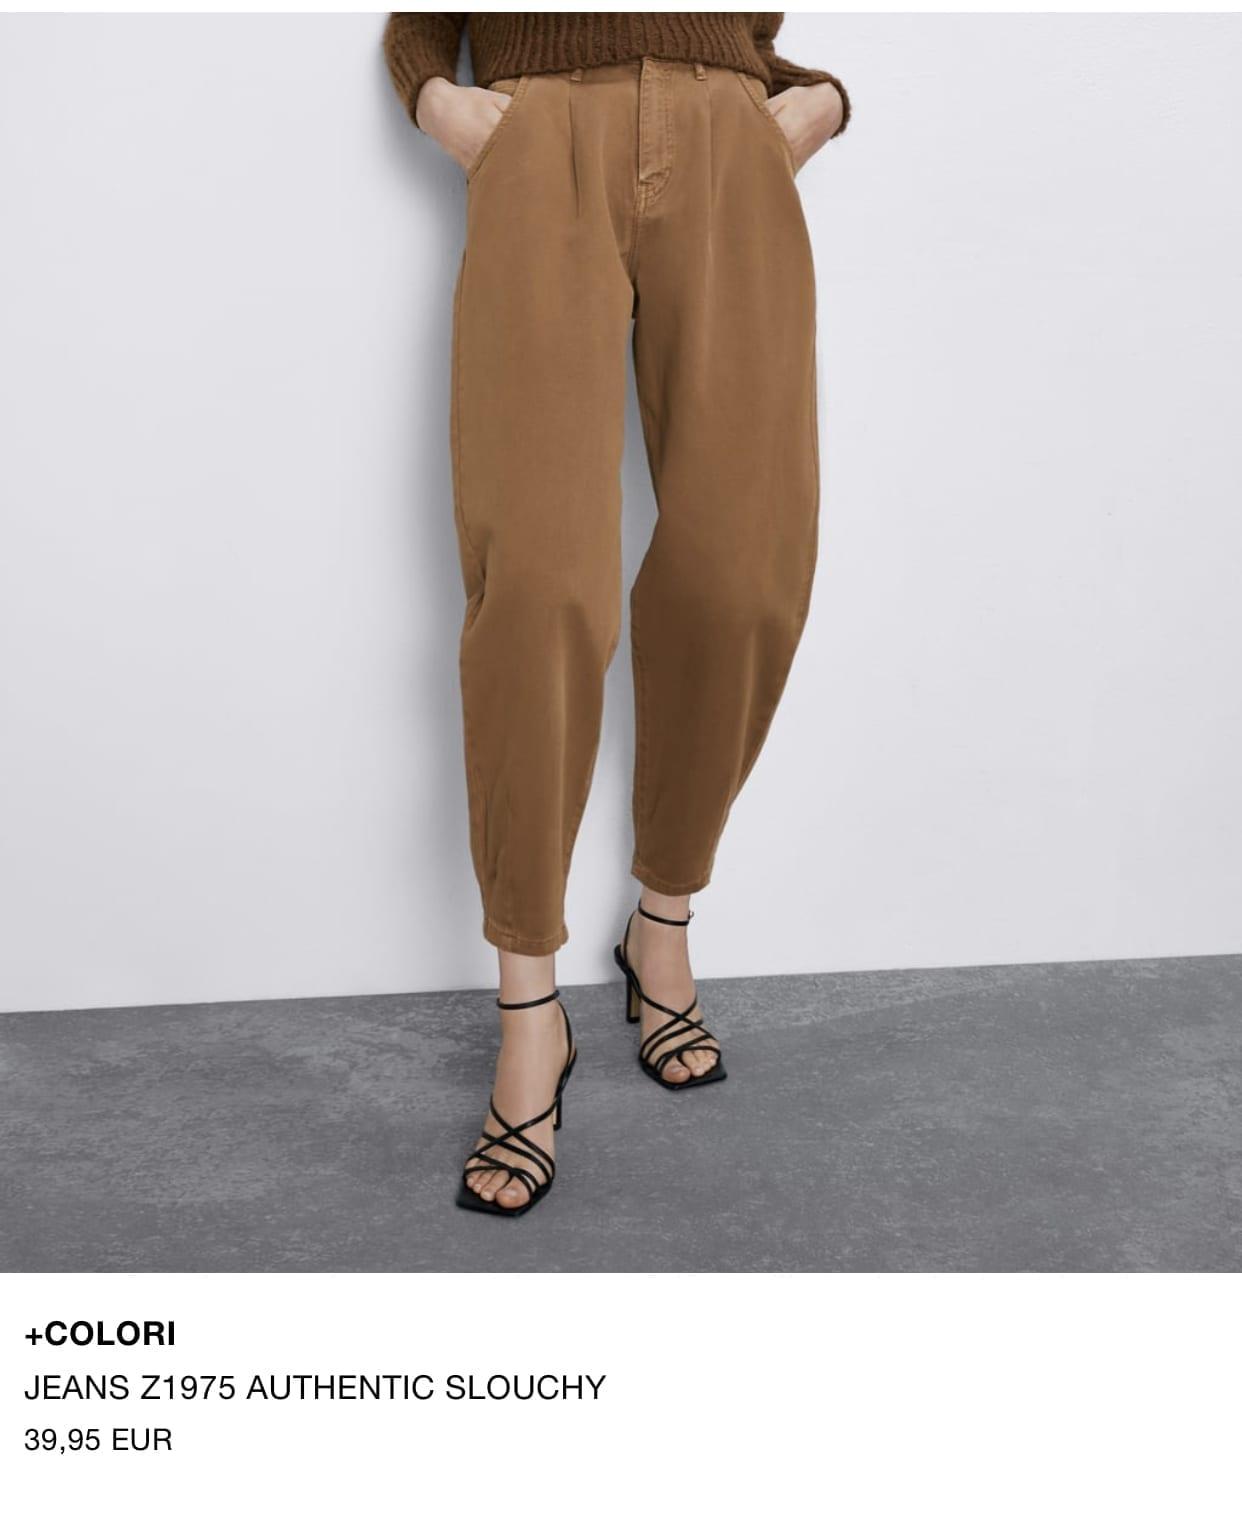 cosa comprare da zara autunno 2019, maglioni zara 2019, come vestirsi minimal chic, fashion blogger italiane